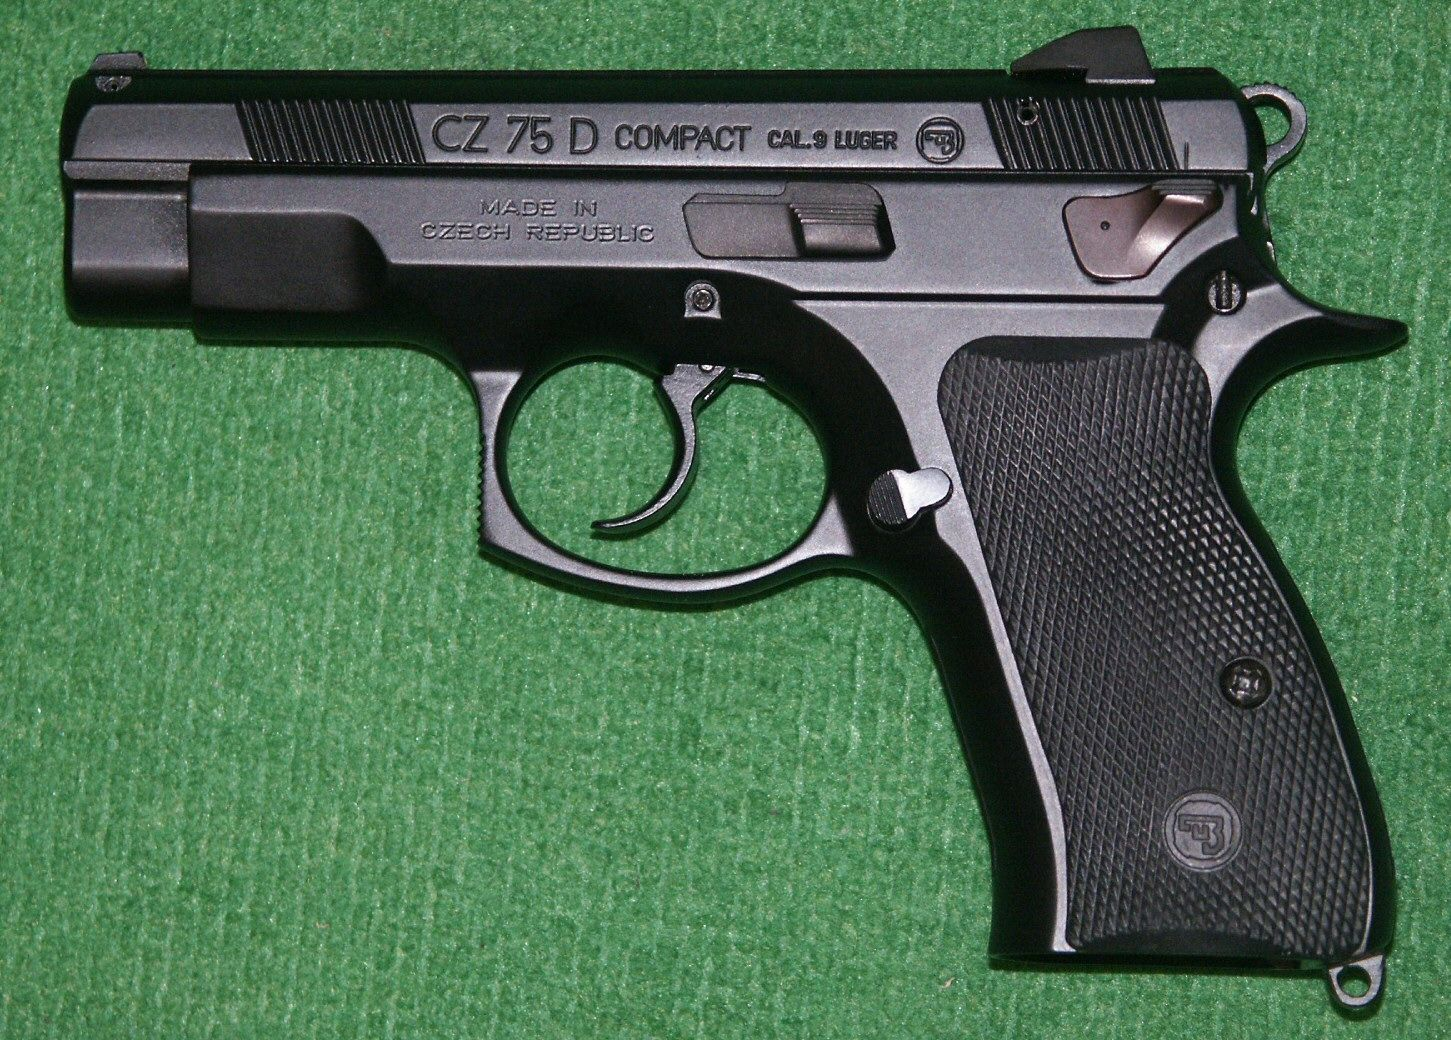 Le bon chiffre - Page 3 135252d1276561567-guns-we-own-cz75d